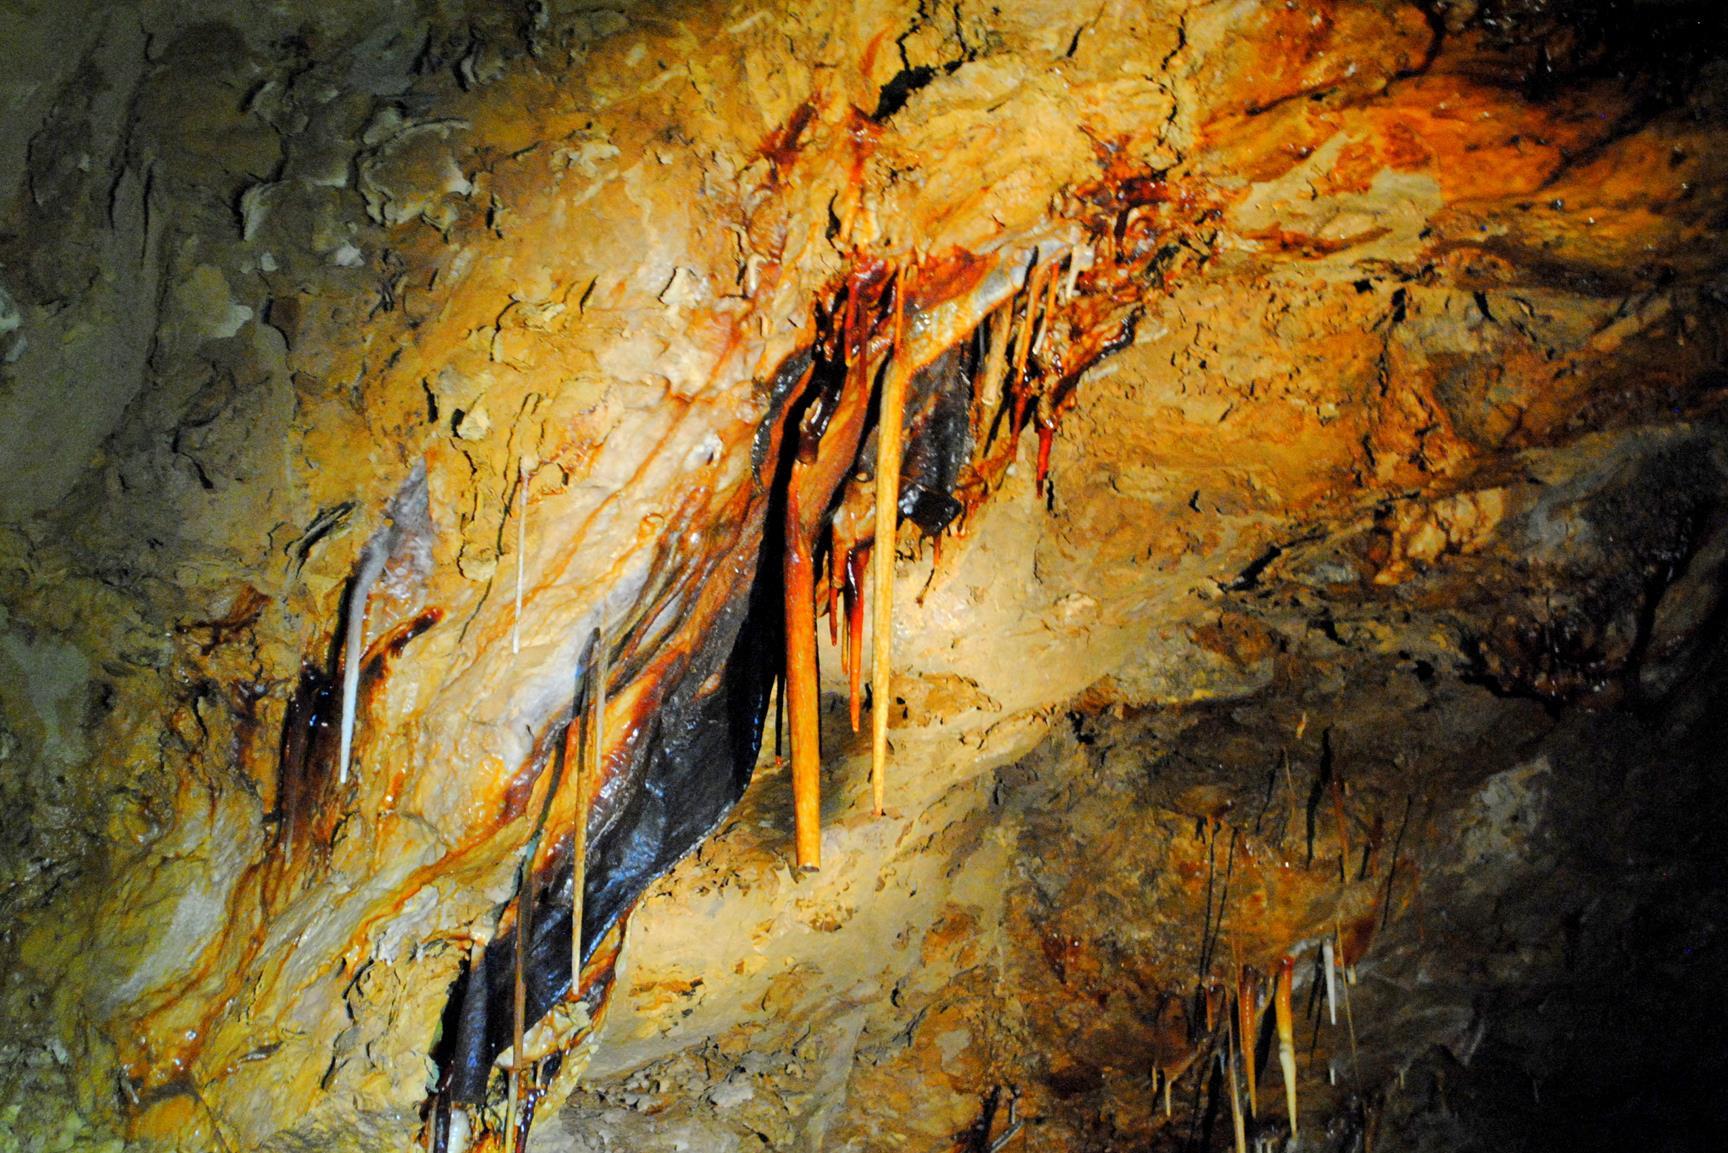 cueva-soplao-turismo-aventura-2